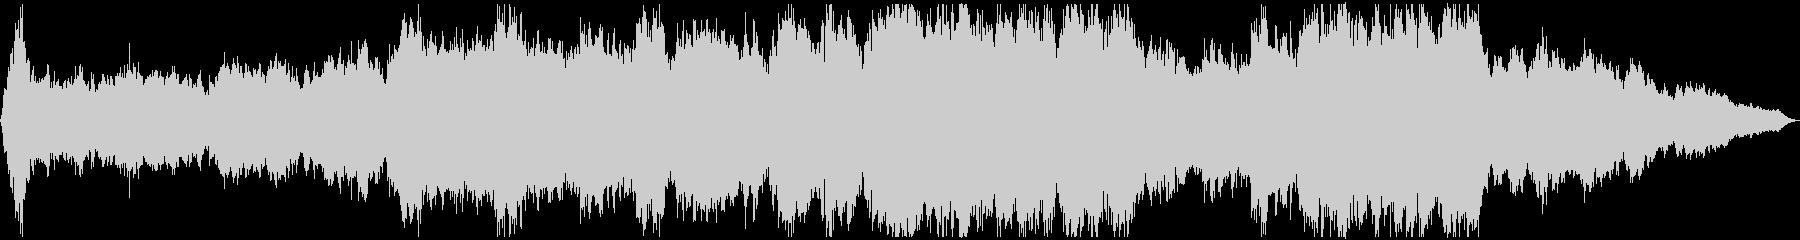 ラストを飾るオーケストラサウンドの未再生の波形